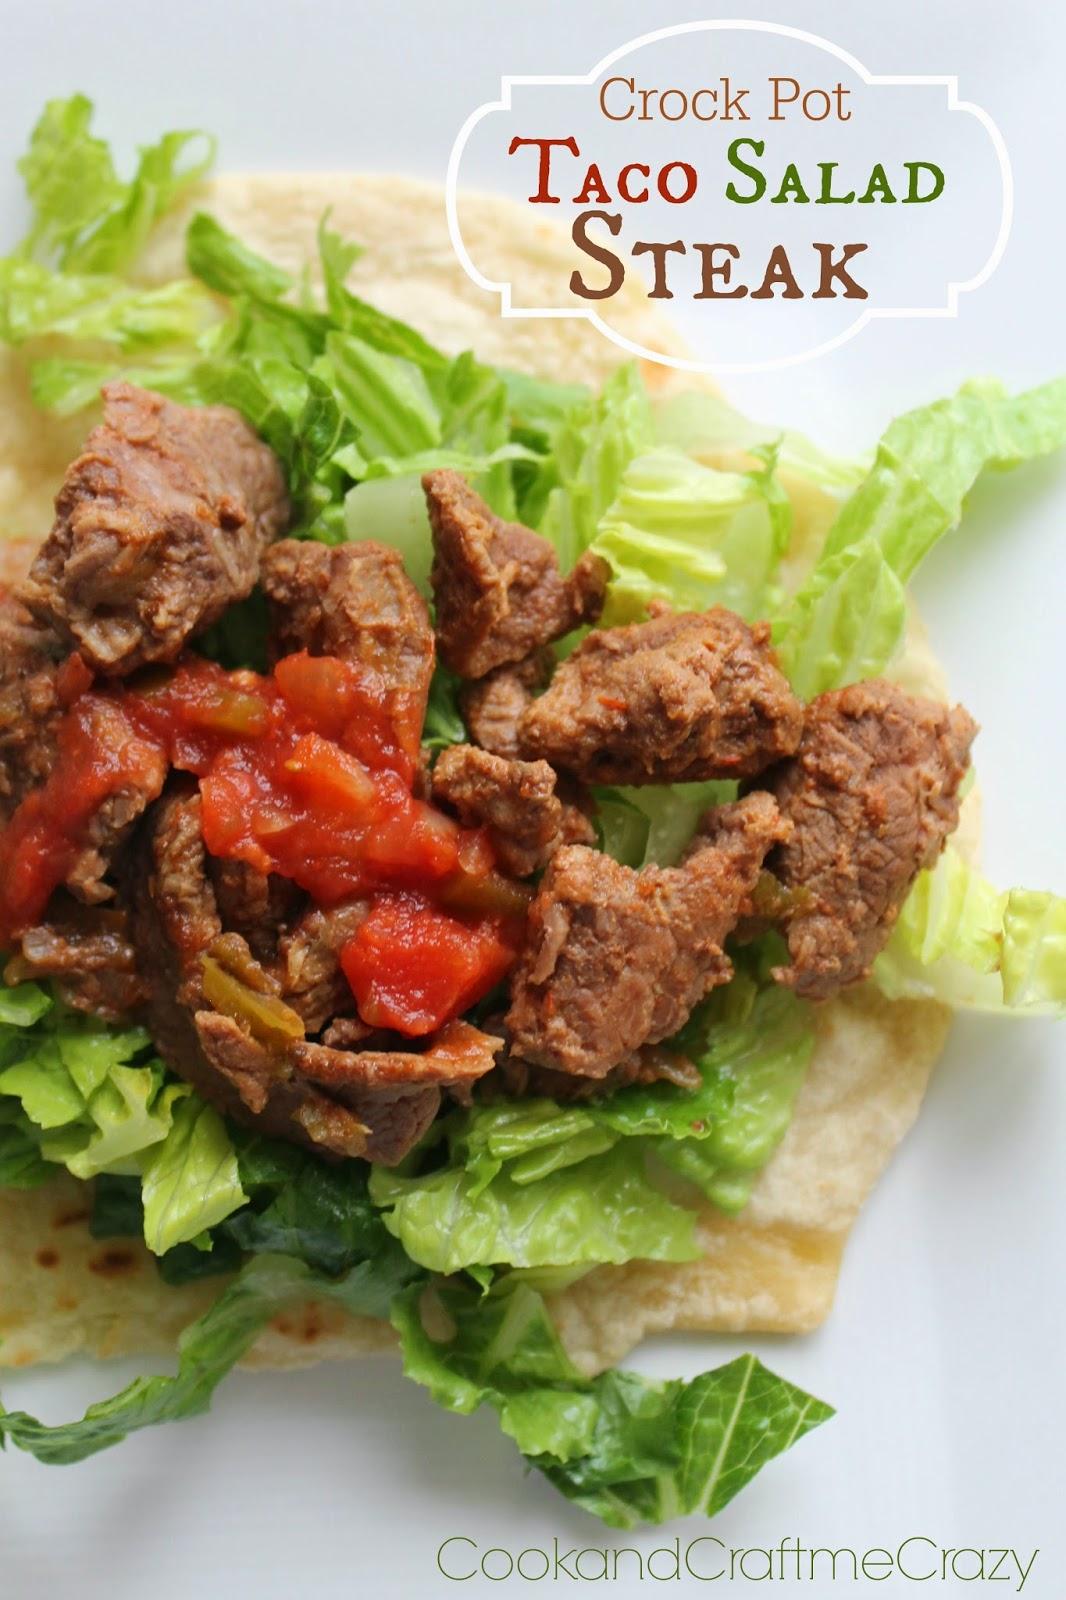 Cook and Craft Me Crazy: Crock Pot Taco Salad Steak